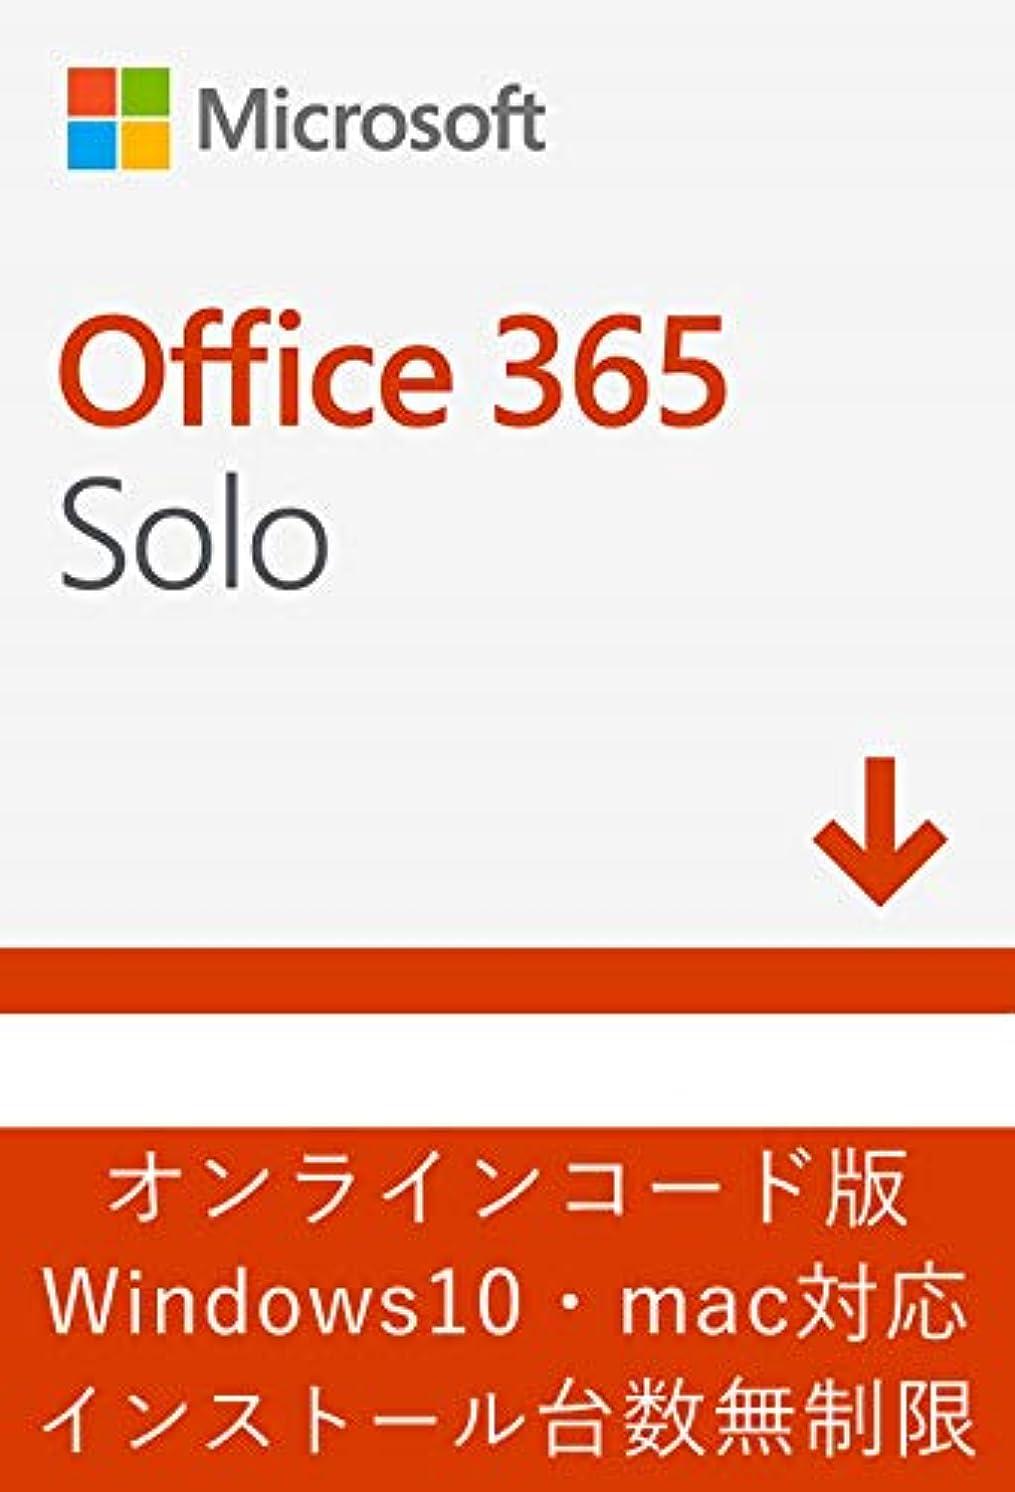 冷凍庫リラックスに対応するMicrosoft Office 365 Solo (最新 1年版)|オンラインコード版|Win/Mac/iPad|インストール台数無制限(同時使用可能台数5台)